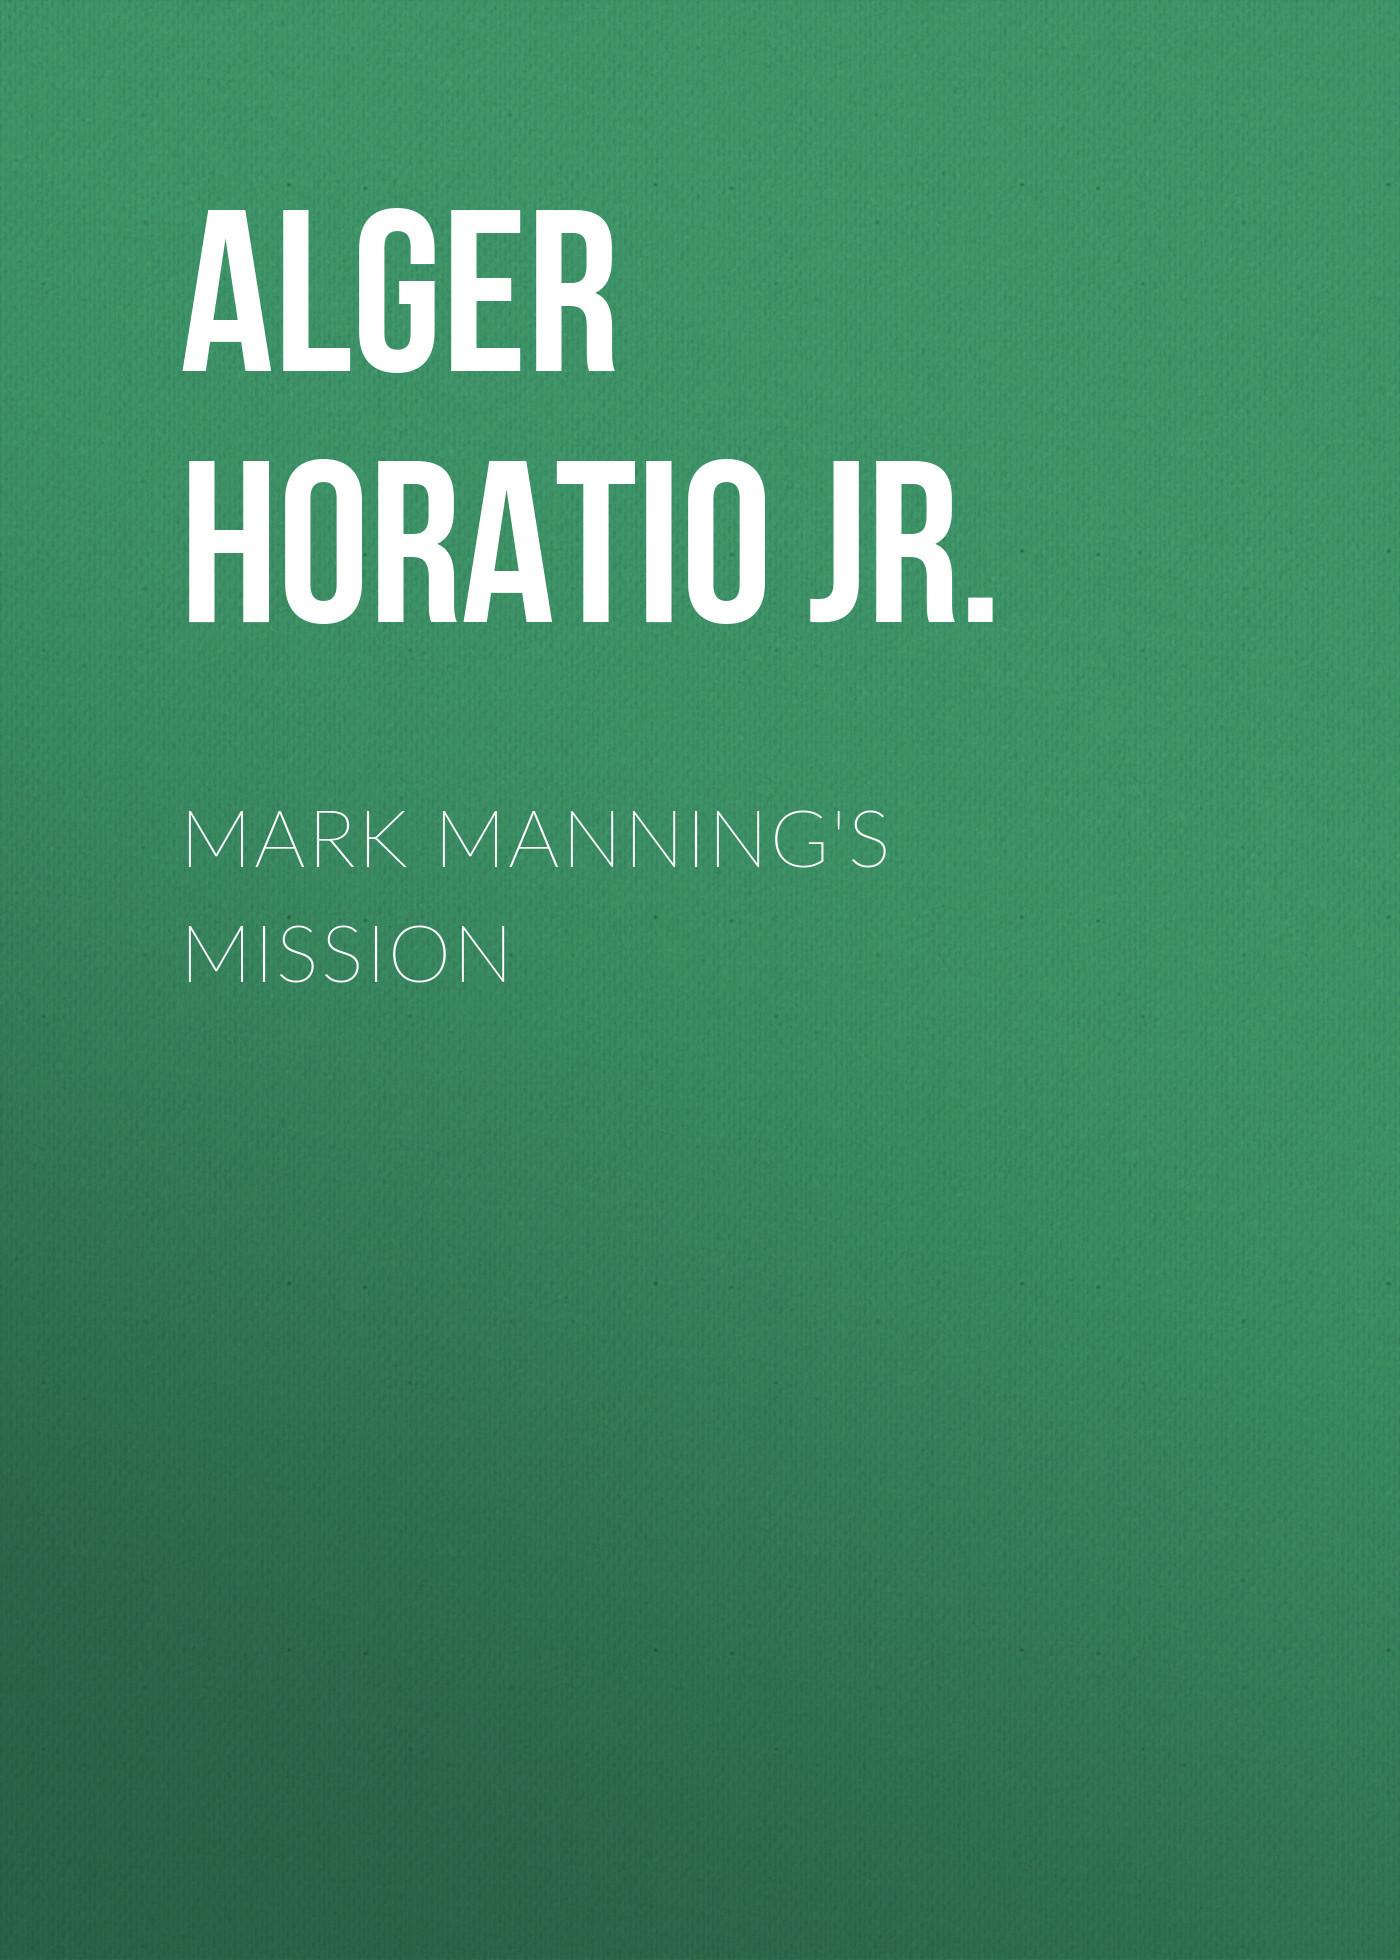 Alger Horatio Jr. Mark Manning's Mission horatio alger jr digging for gold